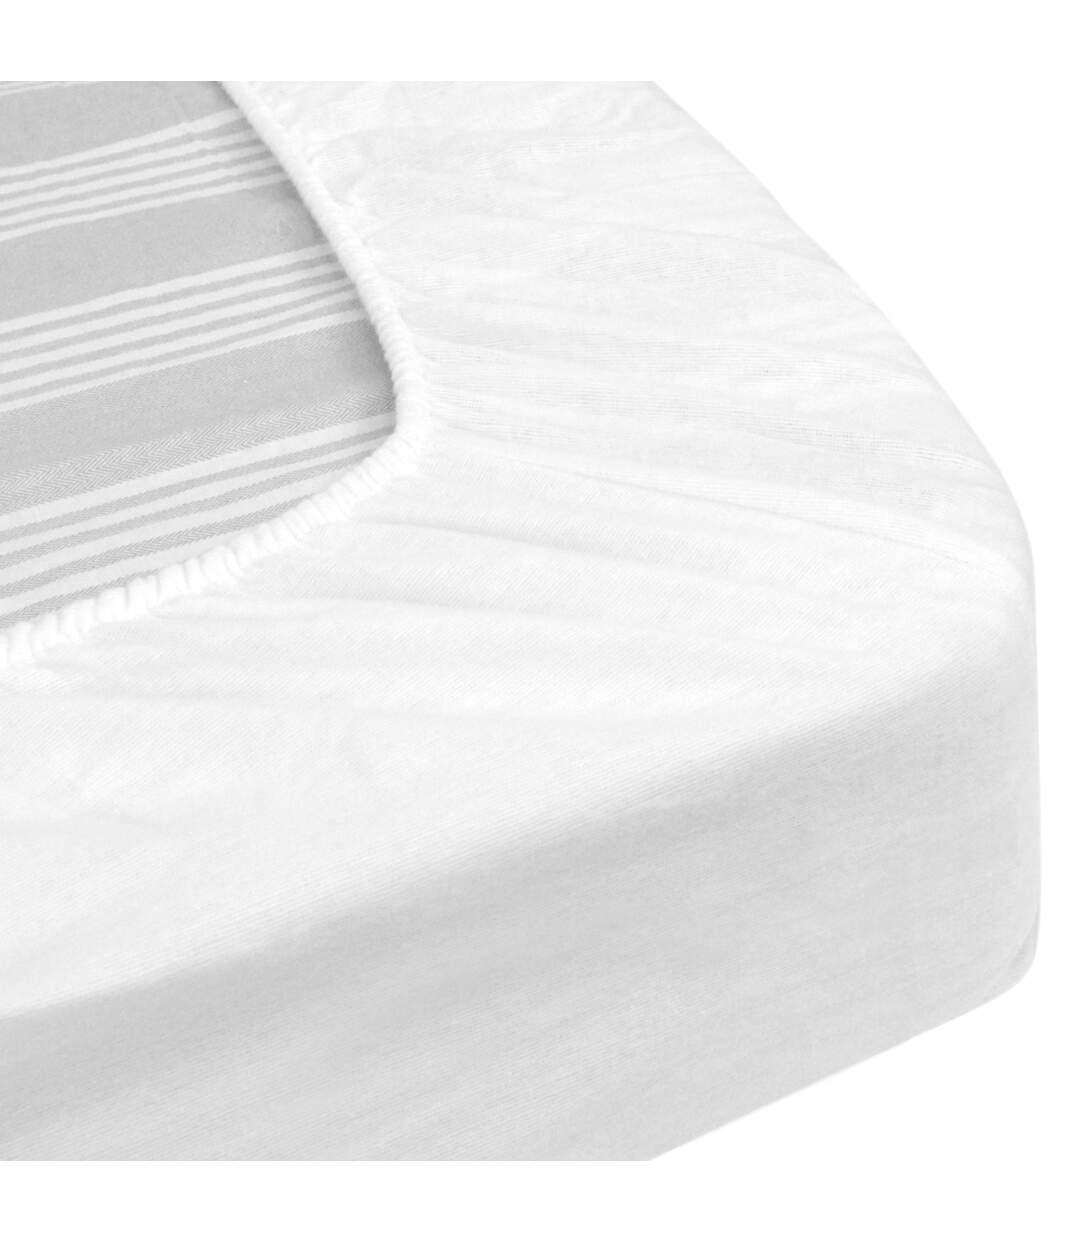 Protège matelas imperméable 110x200 cm bonnet 23cm ARNON molleton 100% coton contrecollé polyuréthane